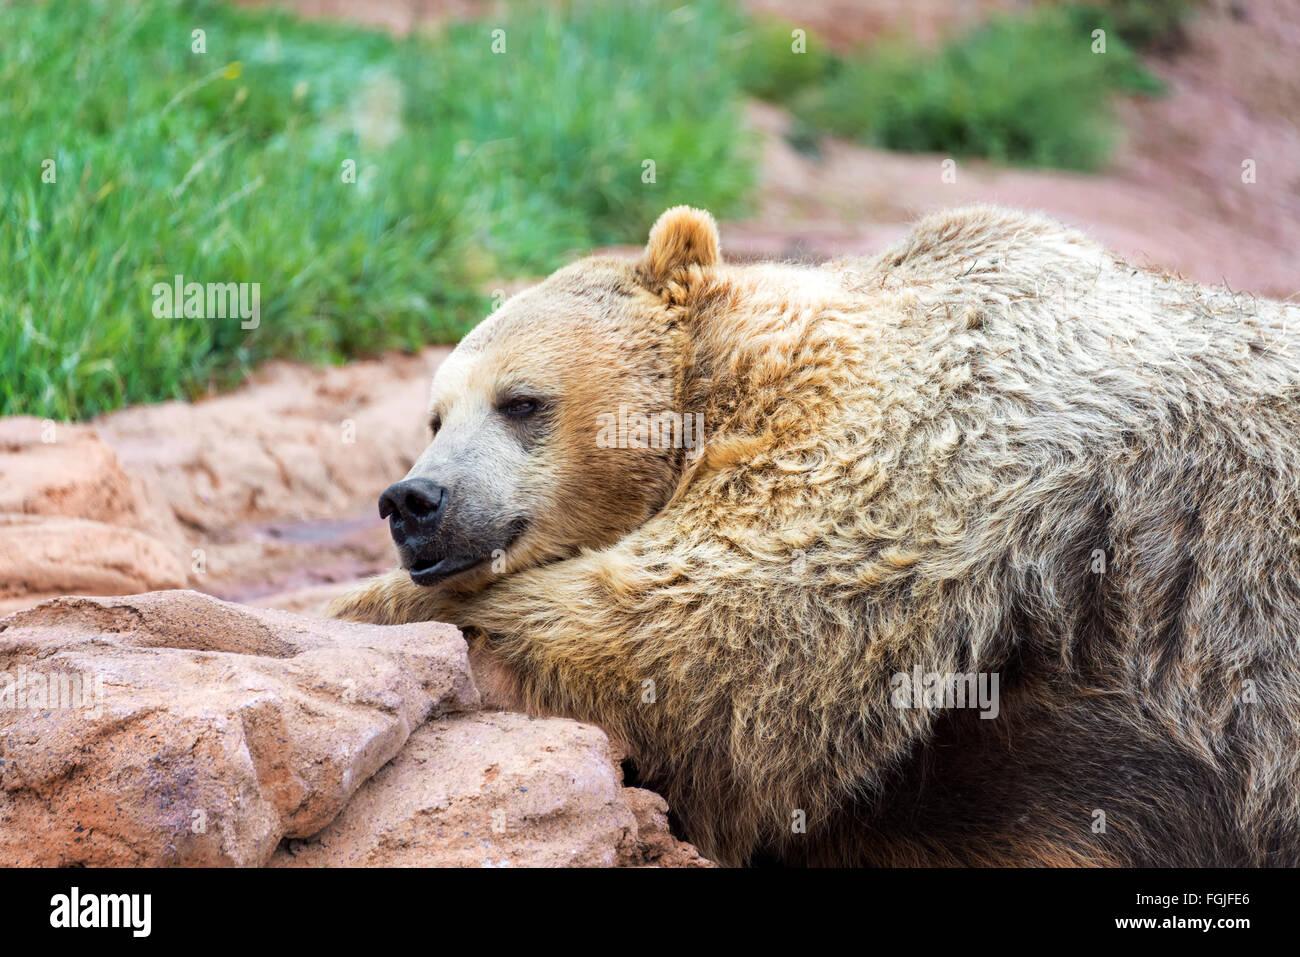 Vista ingrandita di un orso grizzly sdraiato Immagini Stock